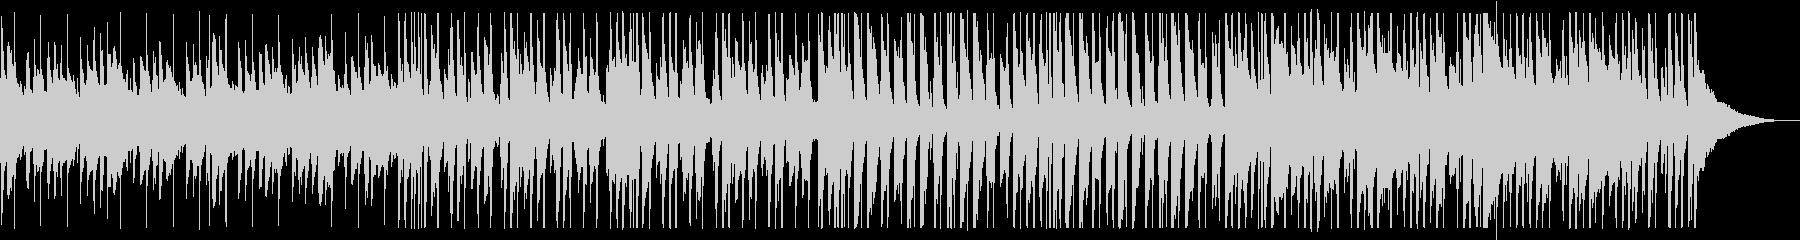 爽やかなカフェBGM_No686_2の未再生の波形